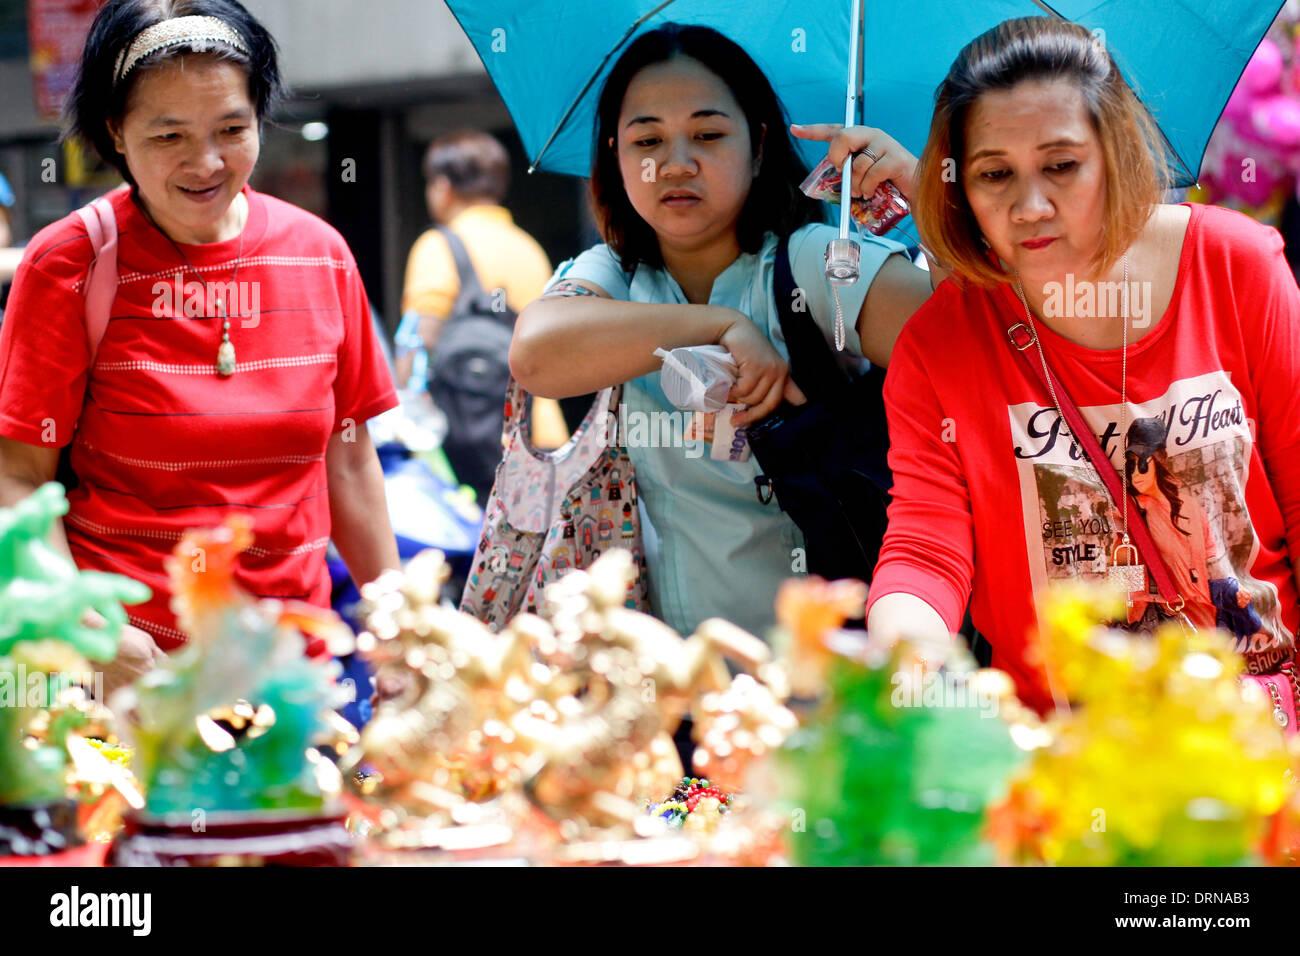 Manila, Filippine. Il 30 gennaio 2014. Una donna negozi per portafortuna in Chinatown Manila il 30 gennaio 2014 un giorno prima del nuovo anno cinese, l'anno del cavallo. Foto di Mark Cristino/Alamy Live News Immagini Stock